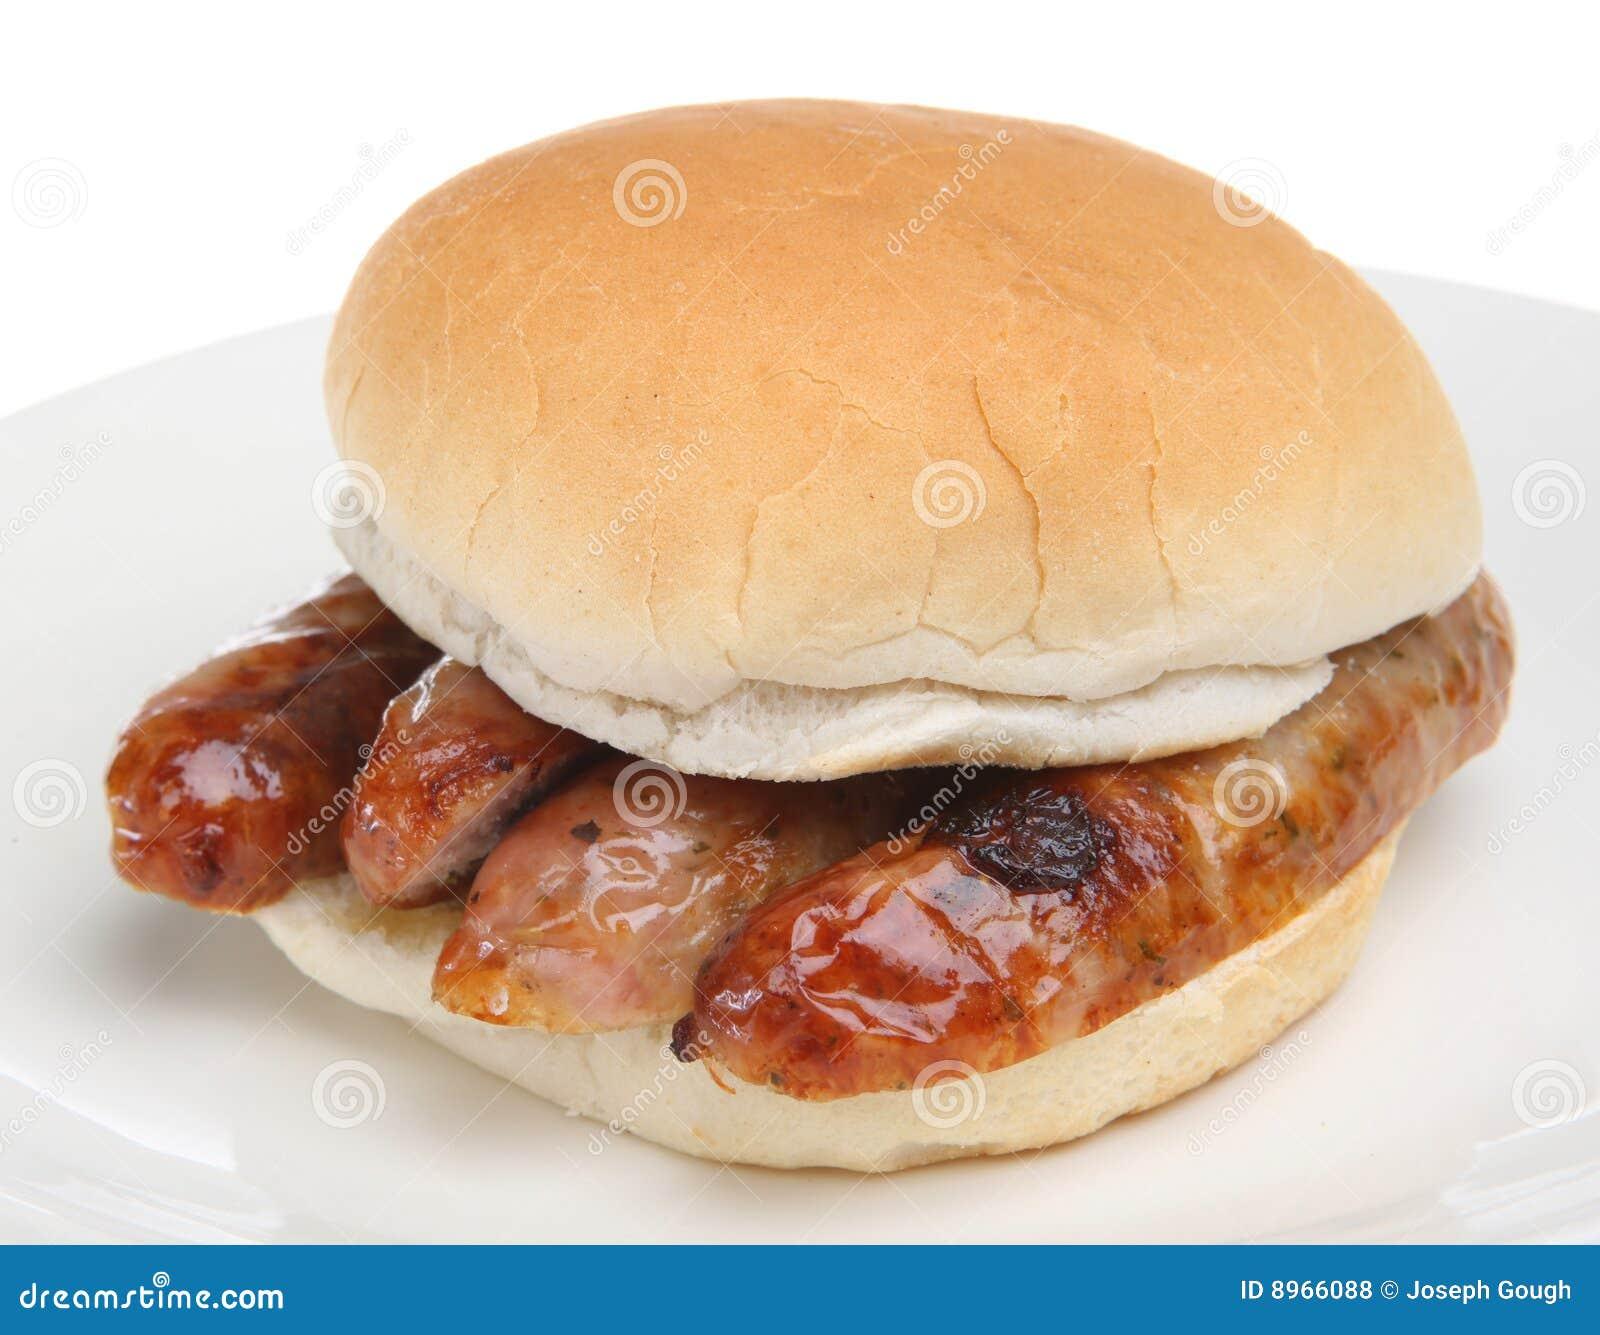 Raw white meat 2 scene 1 sandra romain 10